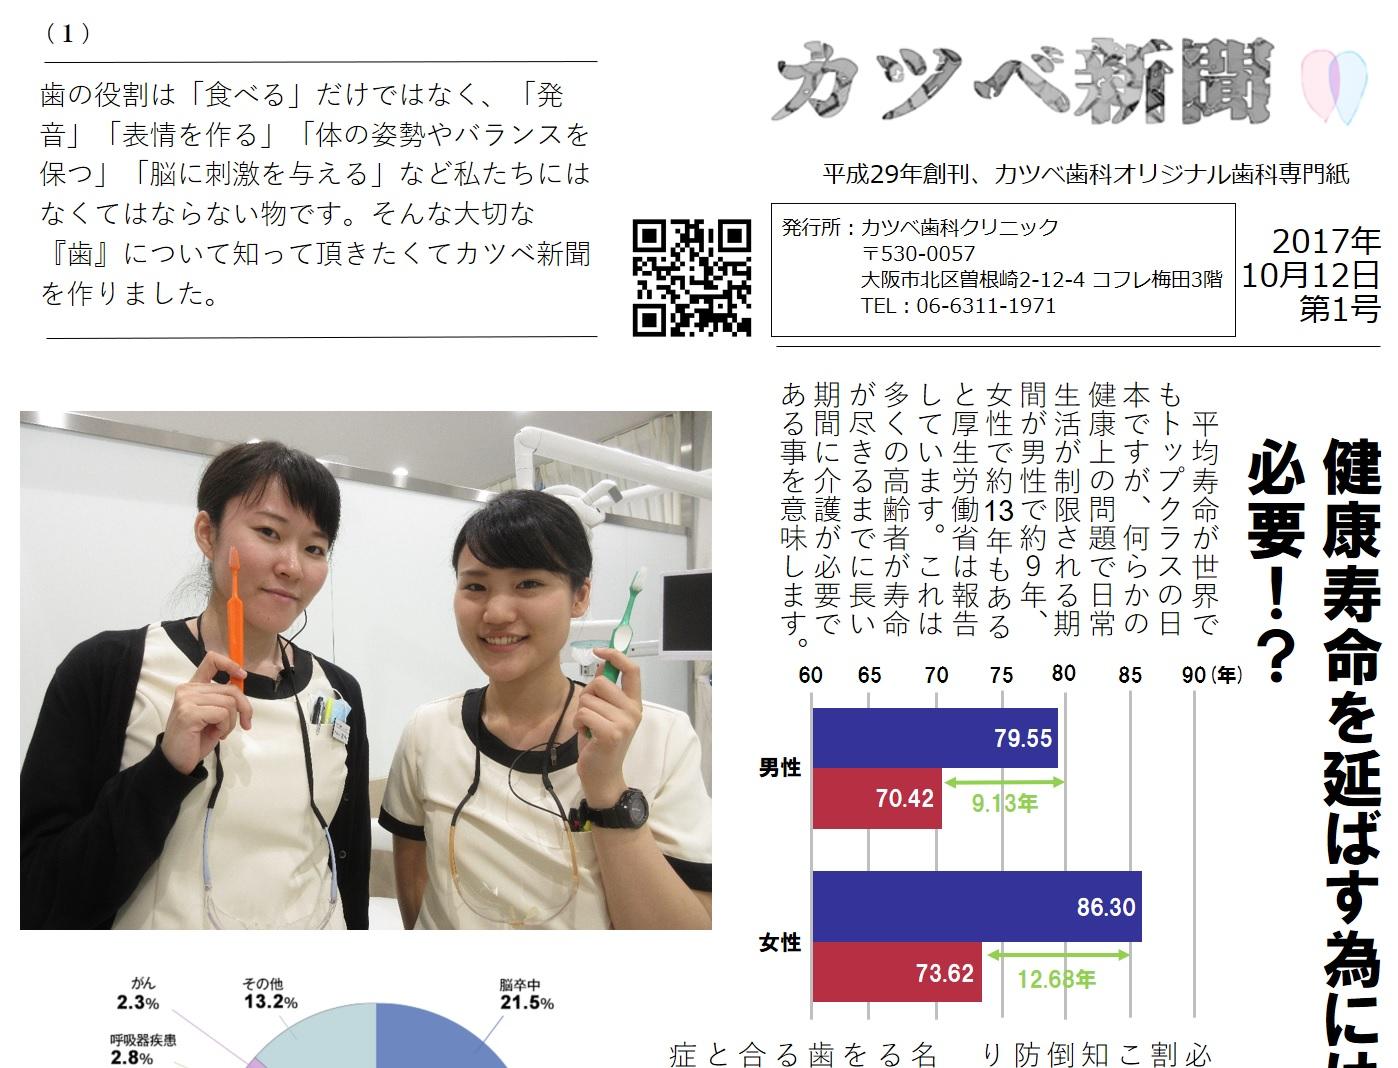 健康寿命を延ばす為には歯が必要!?(カツベ新聞第1号)